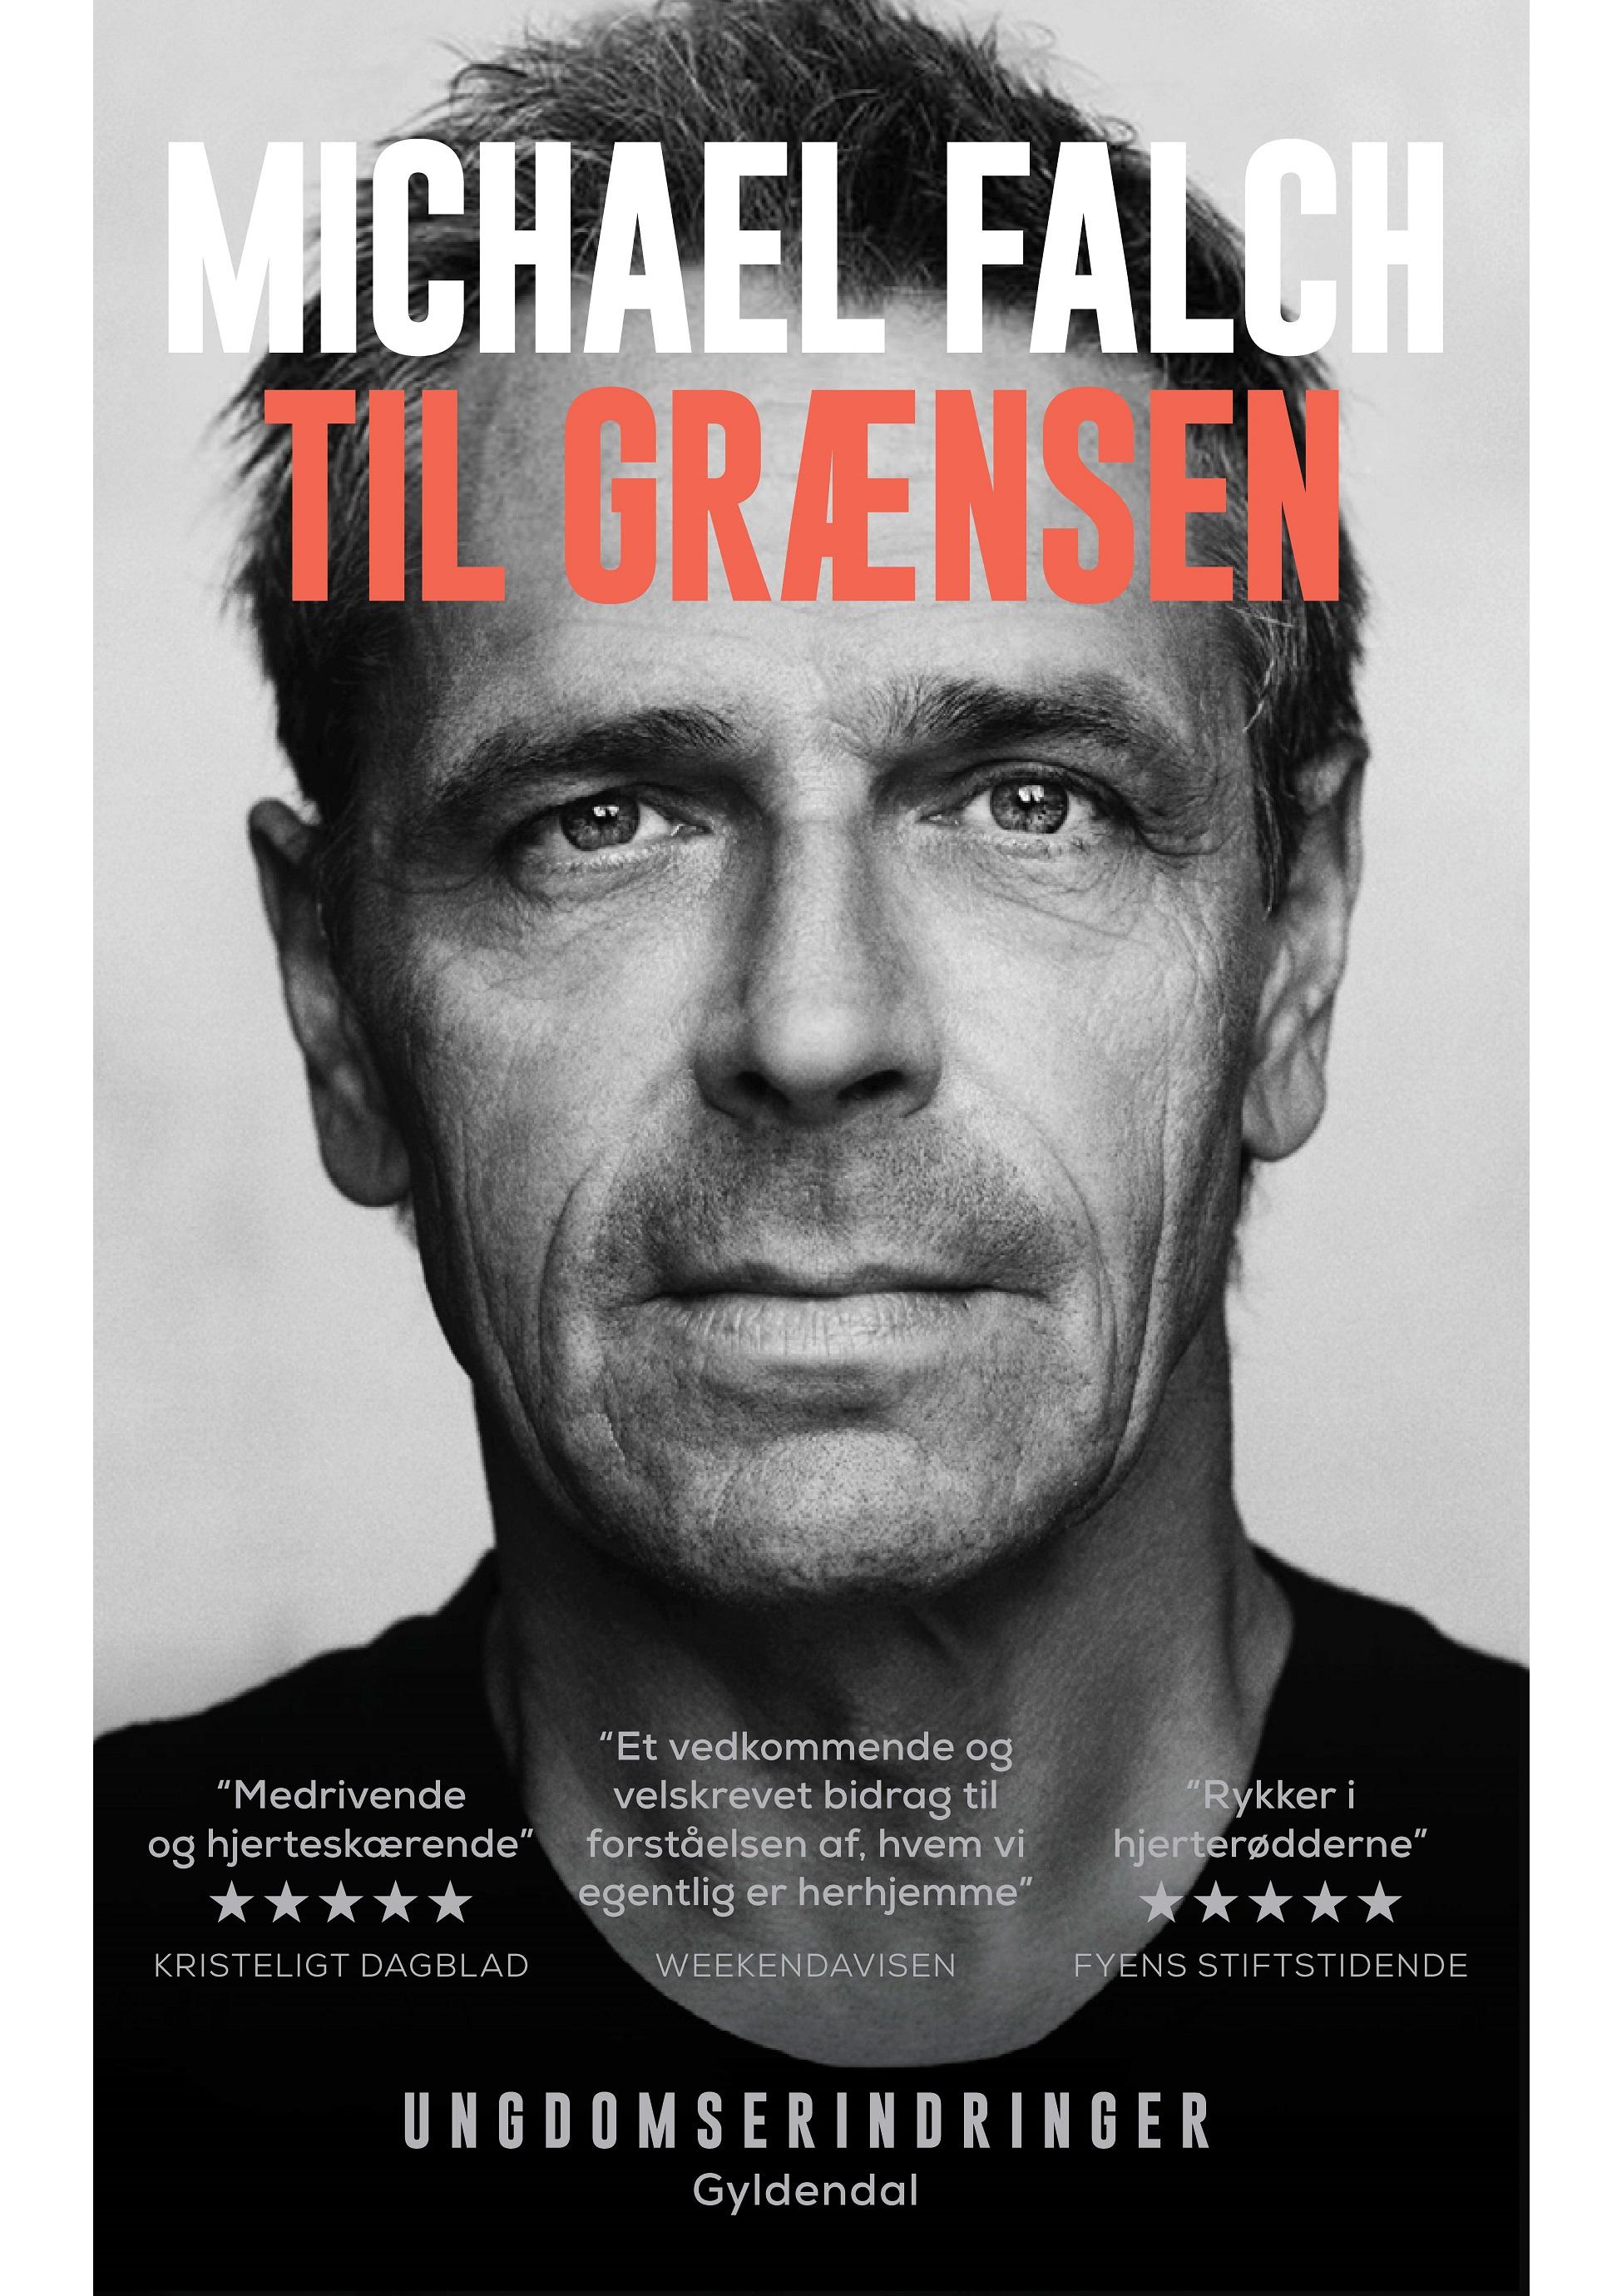 Til grænsen - Michael Falch - Bøger - Gyldendal - 9788702283648 - 2/4-2019